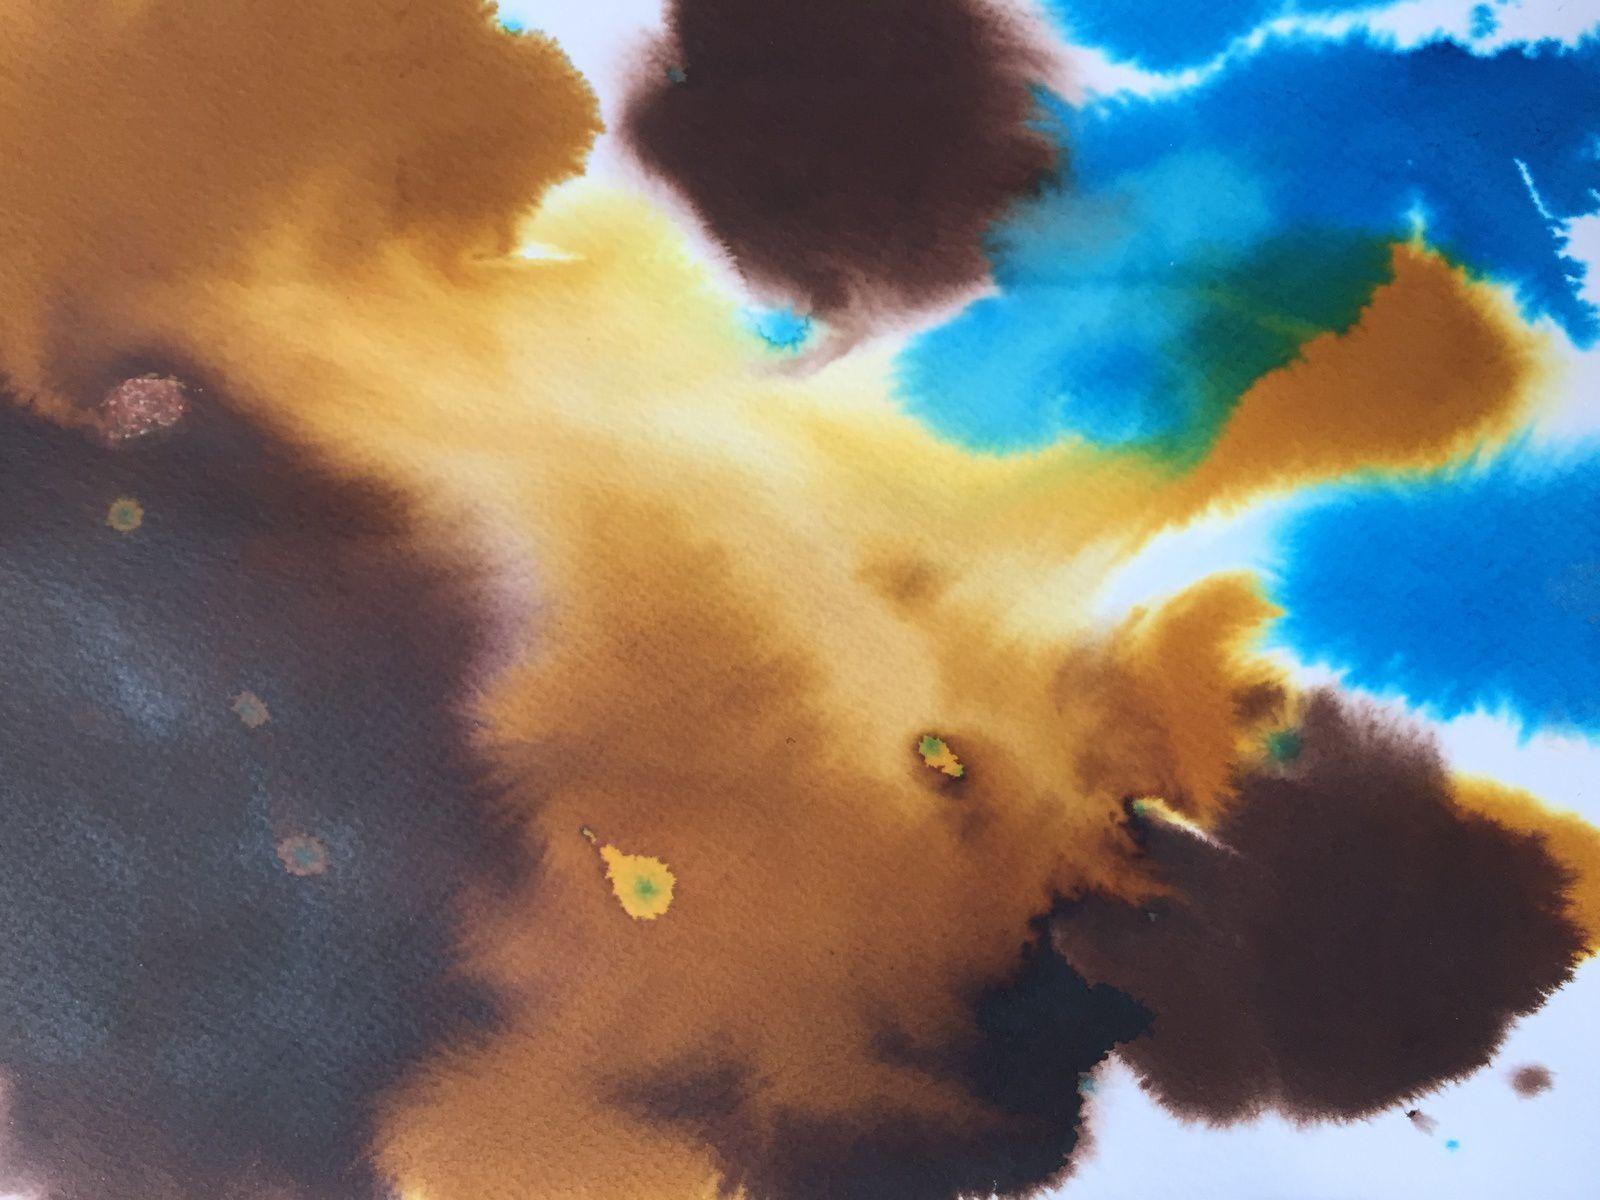 Recherche vers l'abstraction, à partir de tâches d'encre, de dessins les yeux fermés, des couleurs...